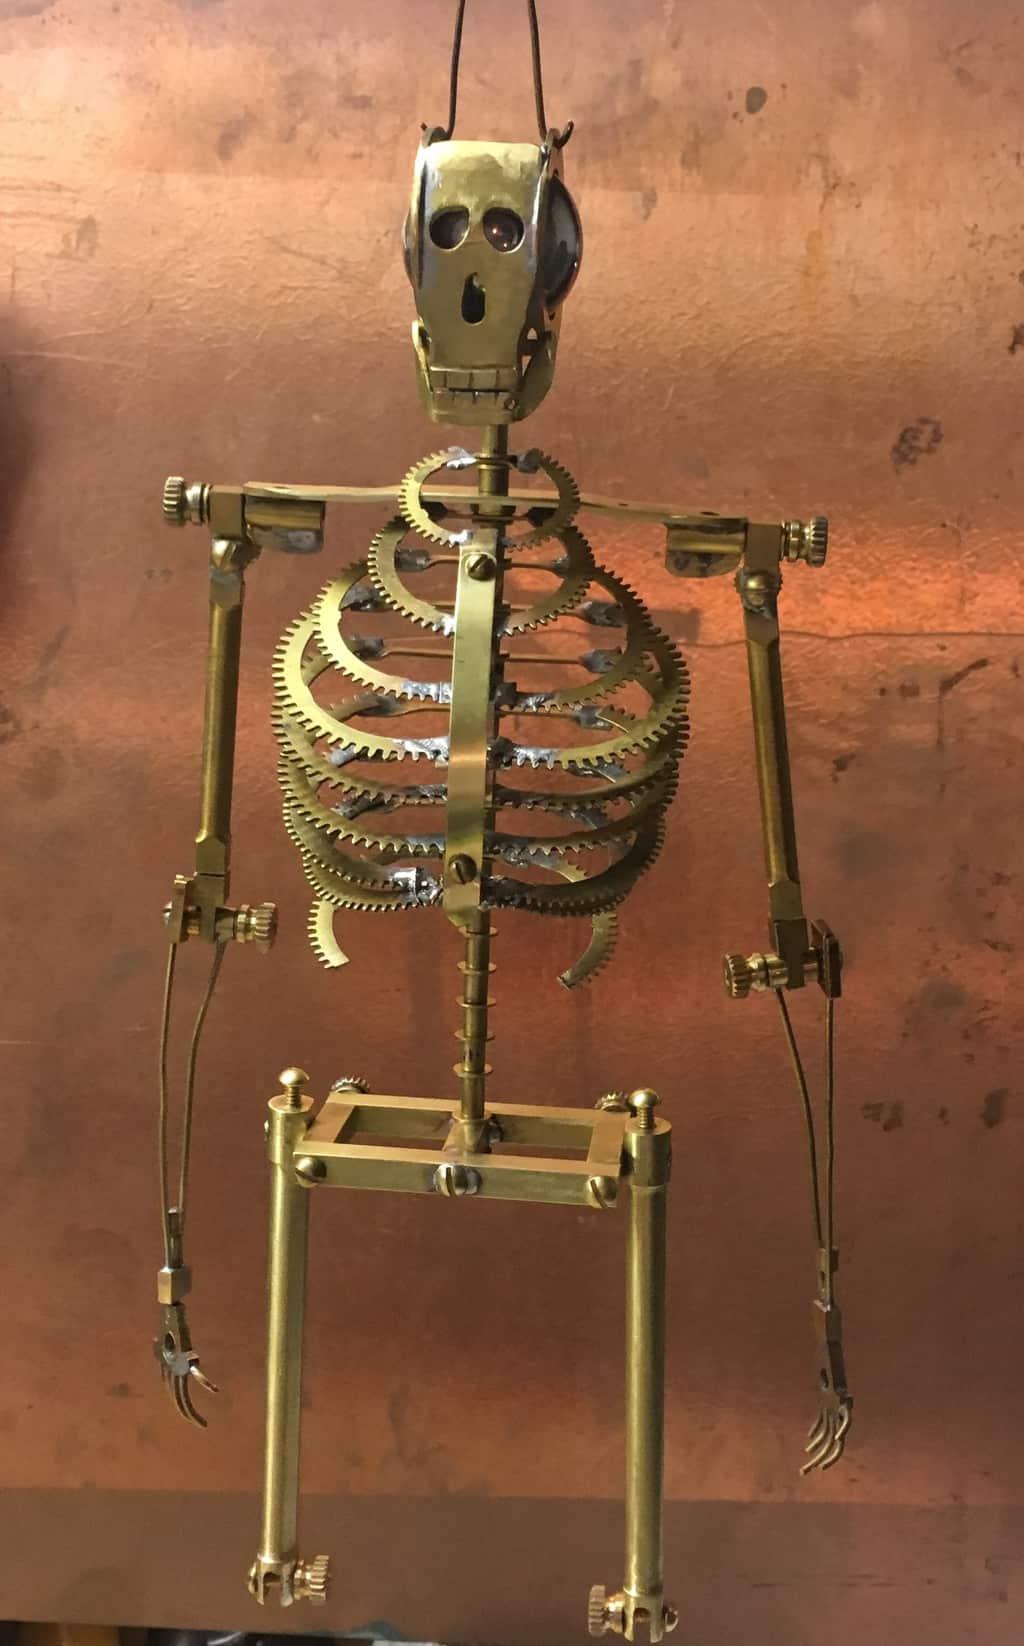 27 Hips on skeleton